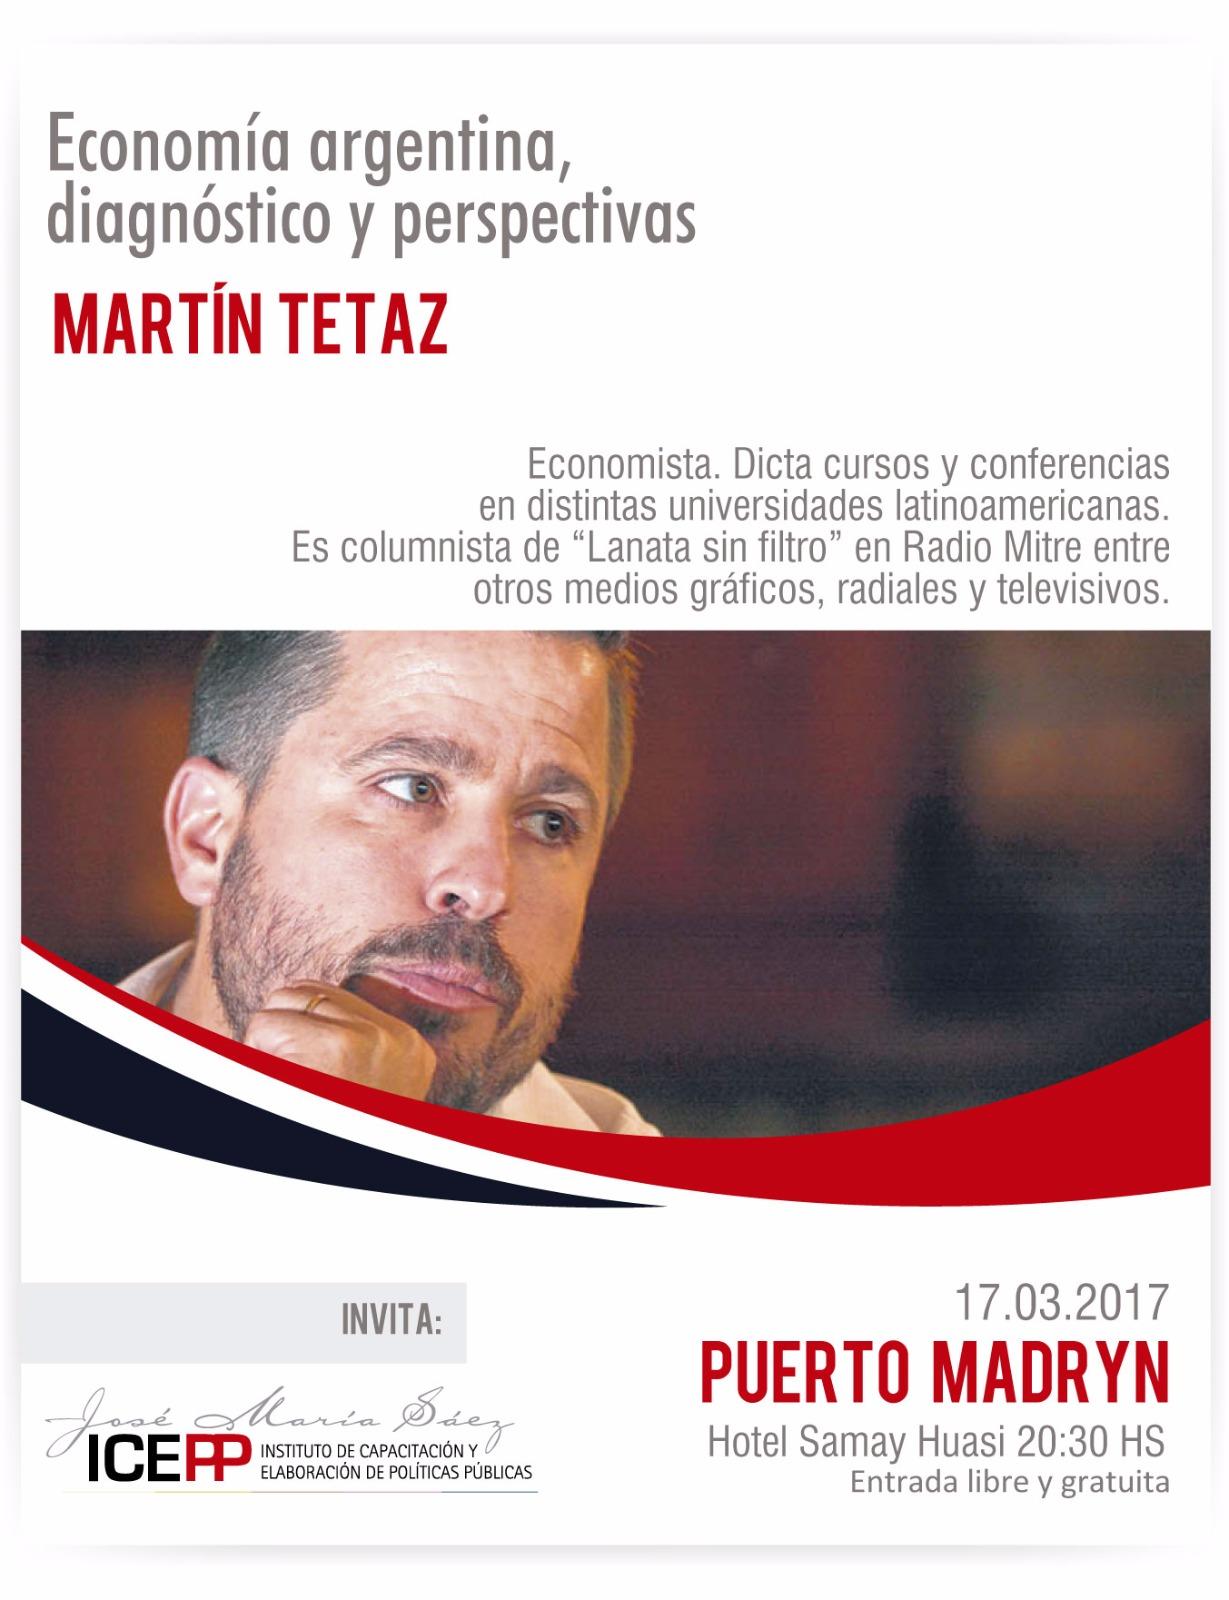 Conferencia de Martín Tetaz en Puerto Madryn